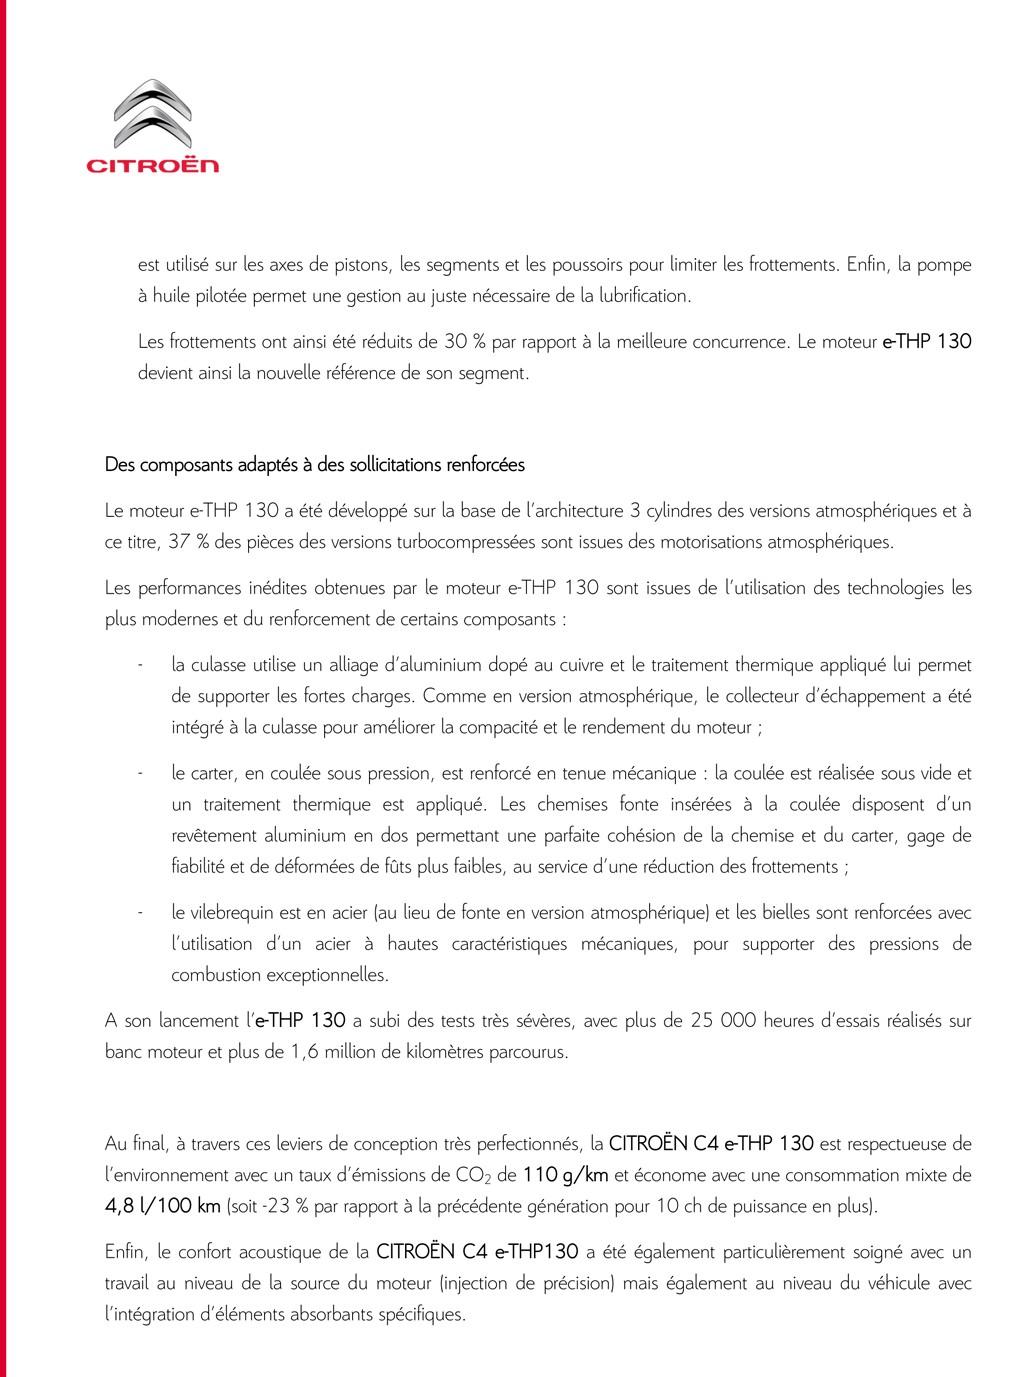 [INFORMATION] Actualité des motorisations - Page 9 Dt_cit13